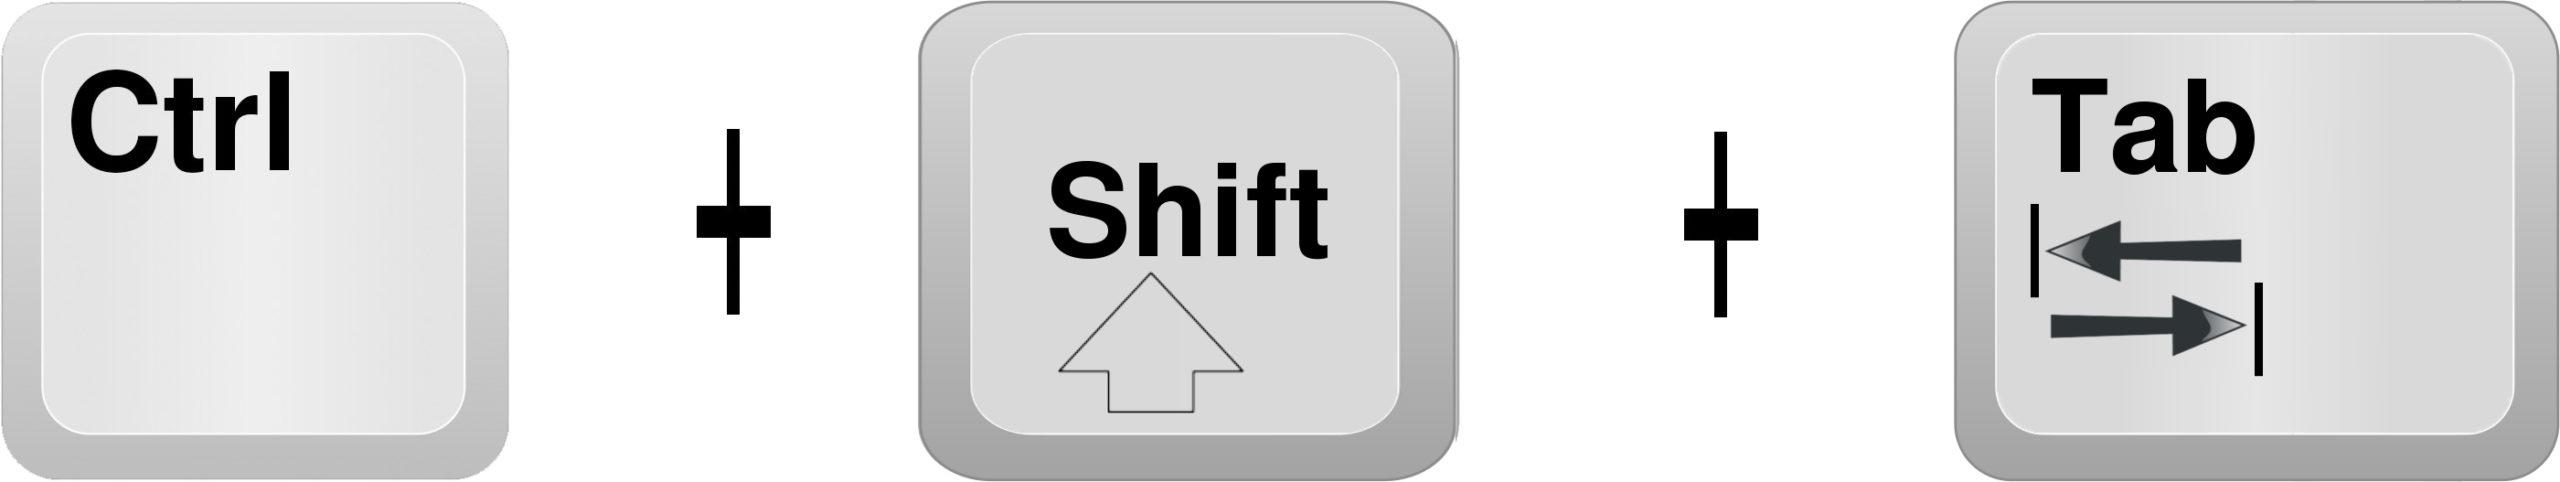 Ctrl +Shift + Tab